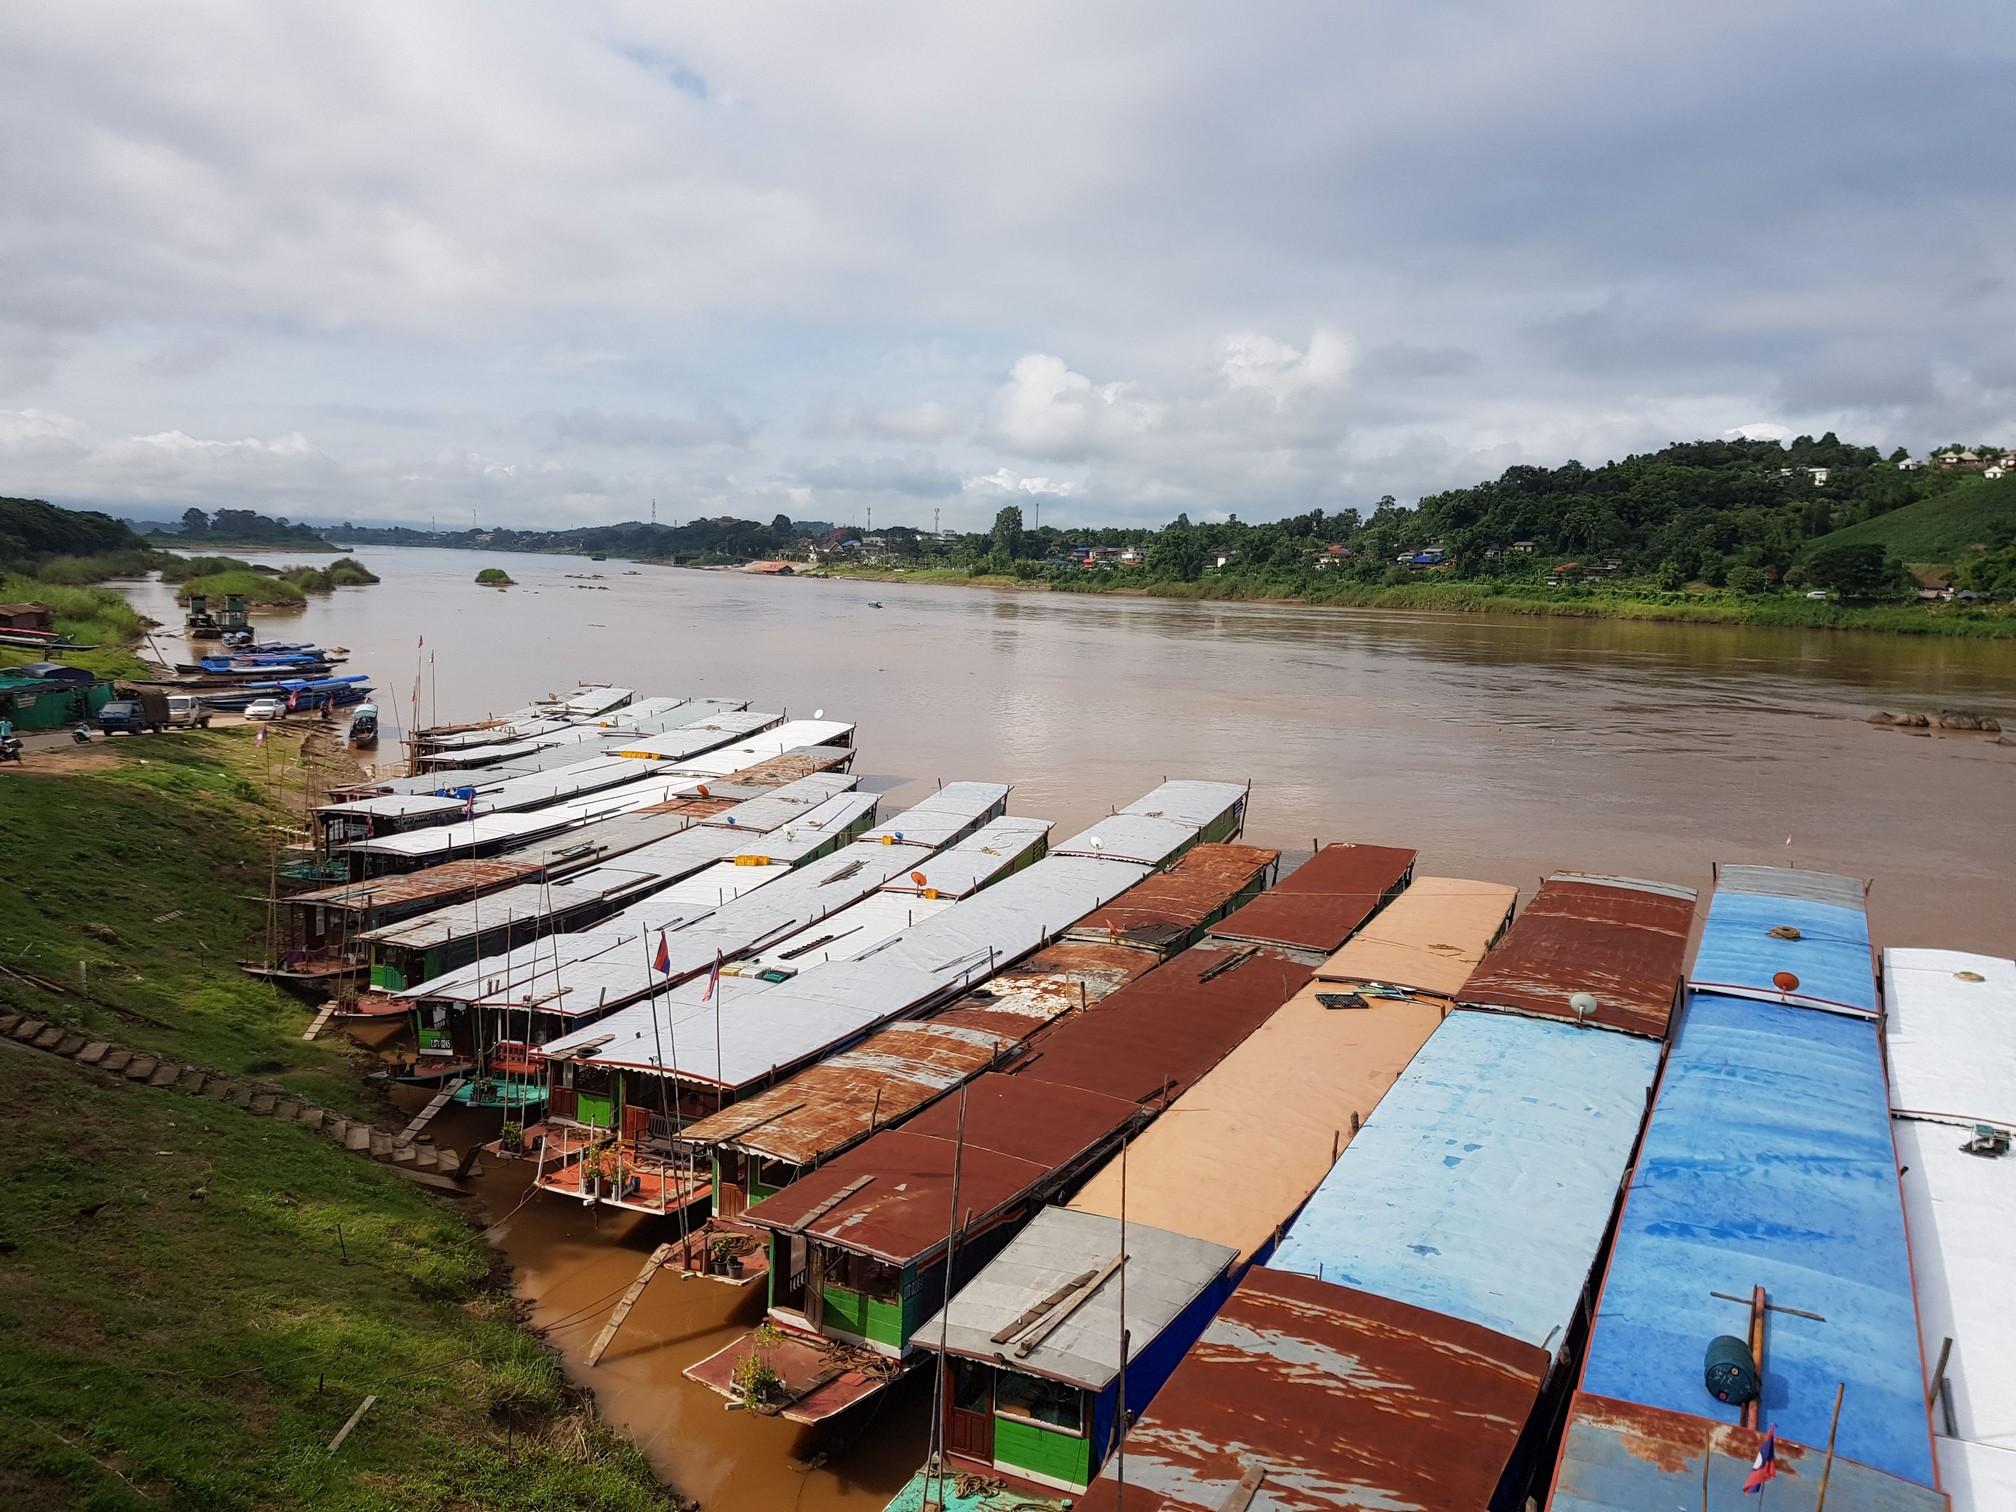 Slow Boat Pier in Houay Xai